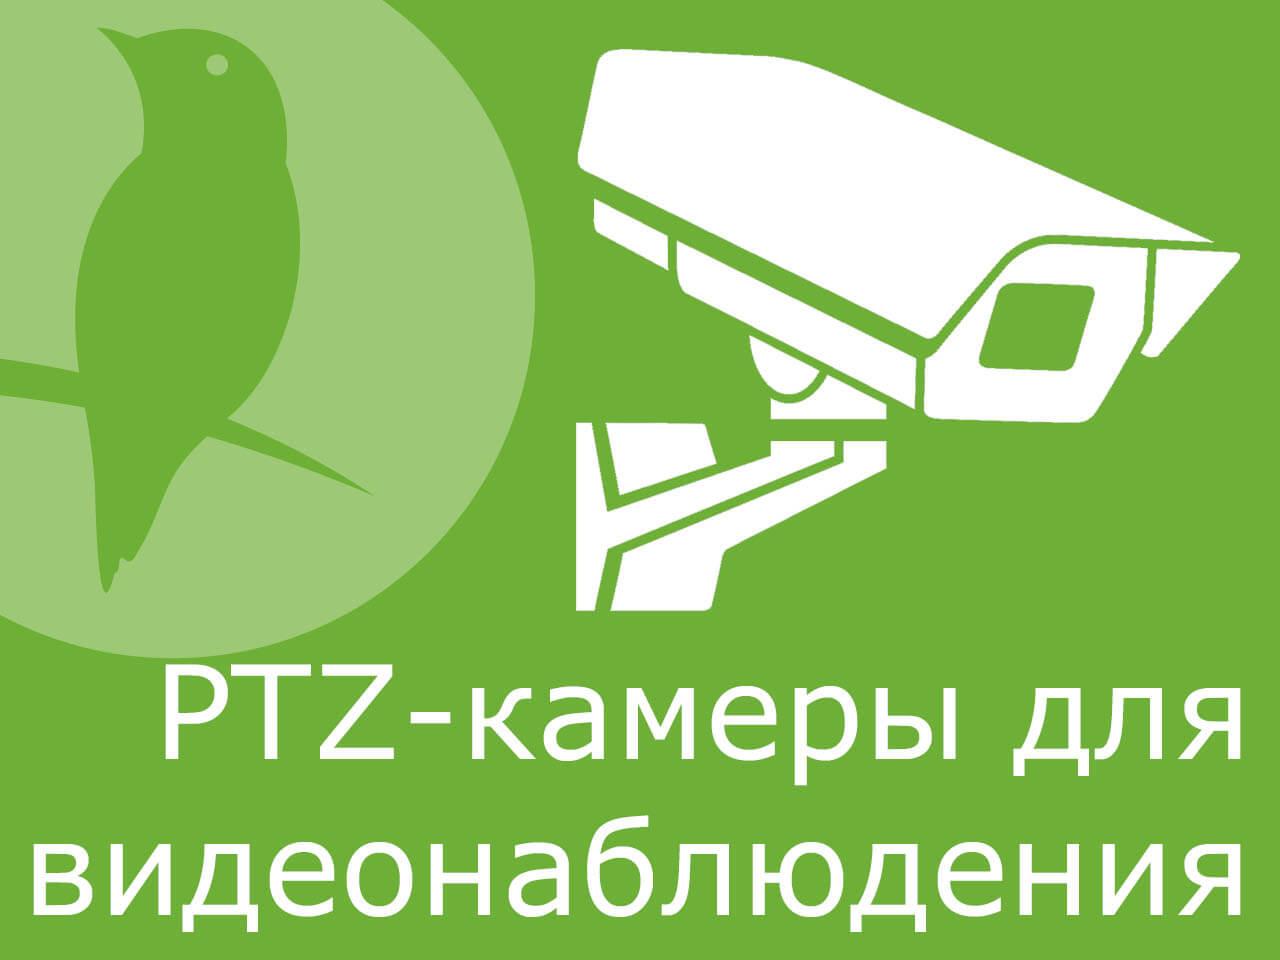 PTZ-камеры для видеонаблюдения